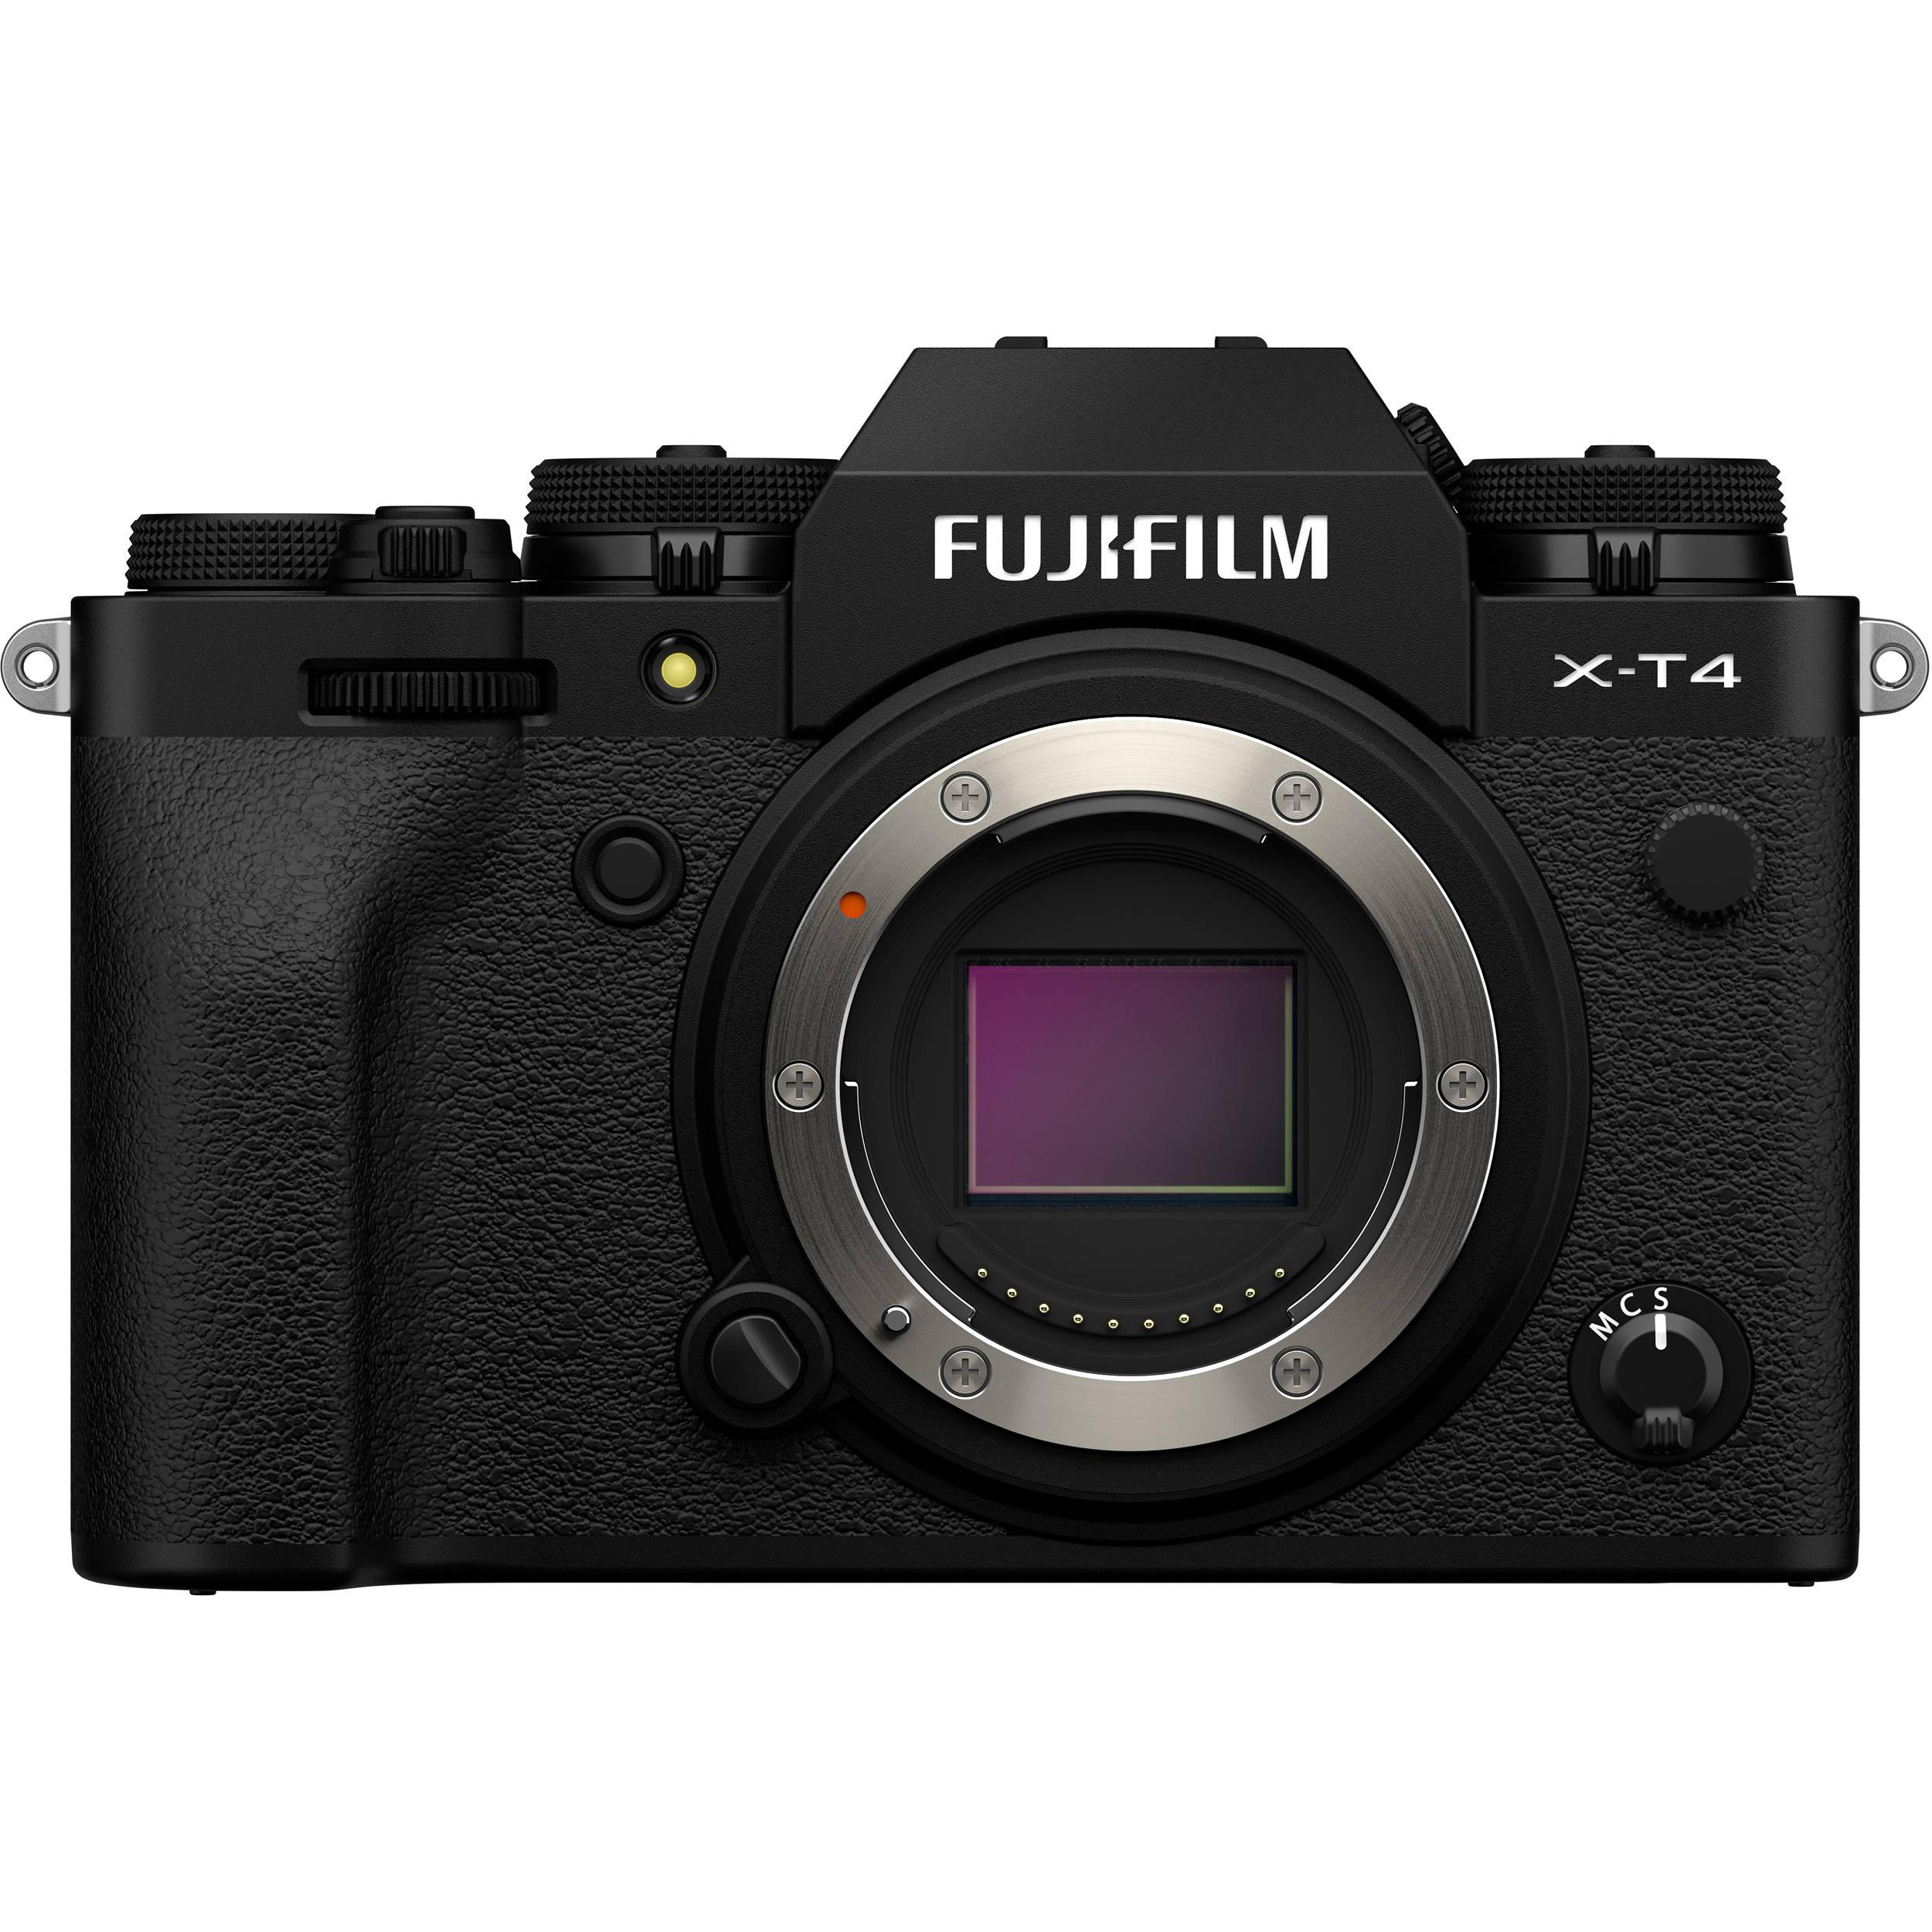 fuji x-t4 dslr cameras